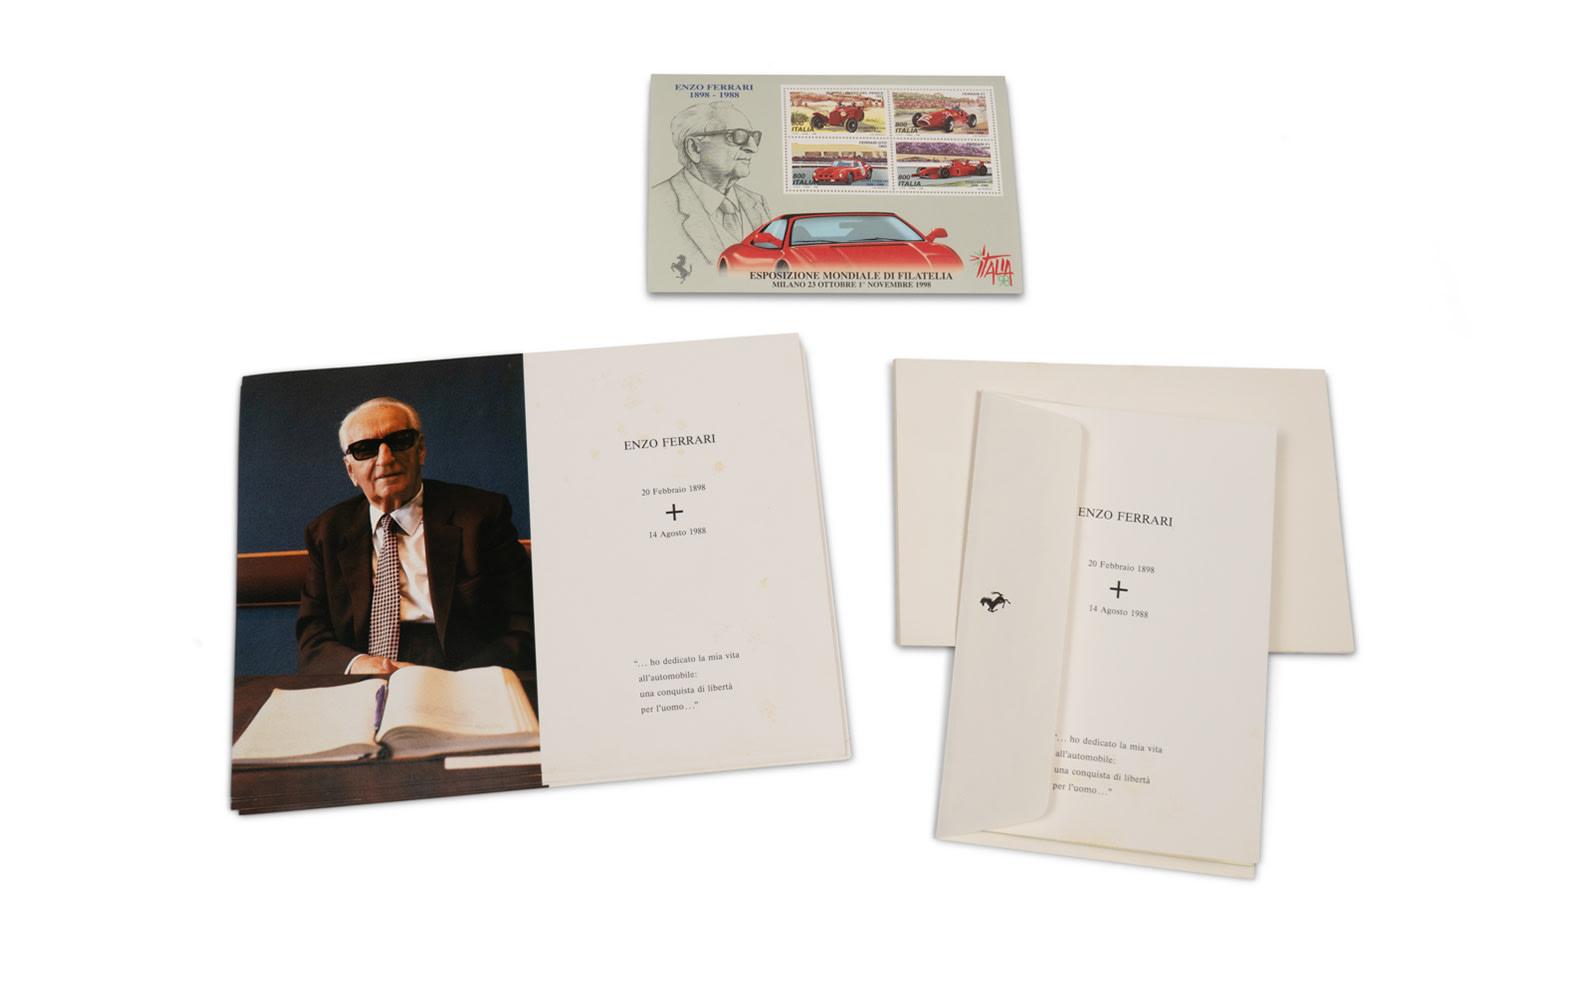 Enzo Ferrari Death Announcements with Envelopes